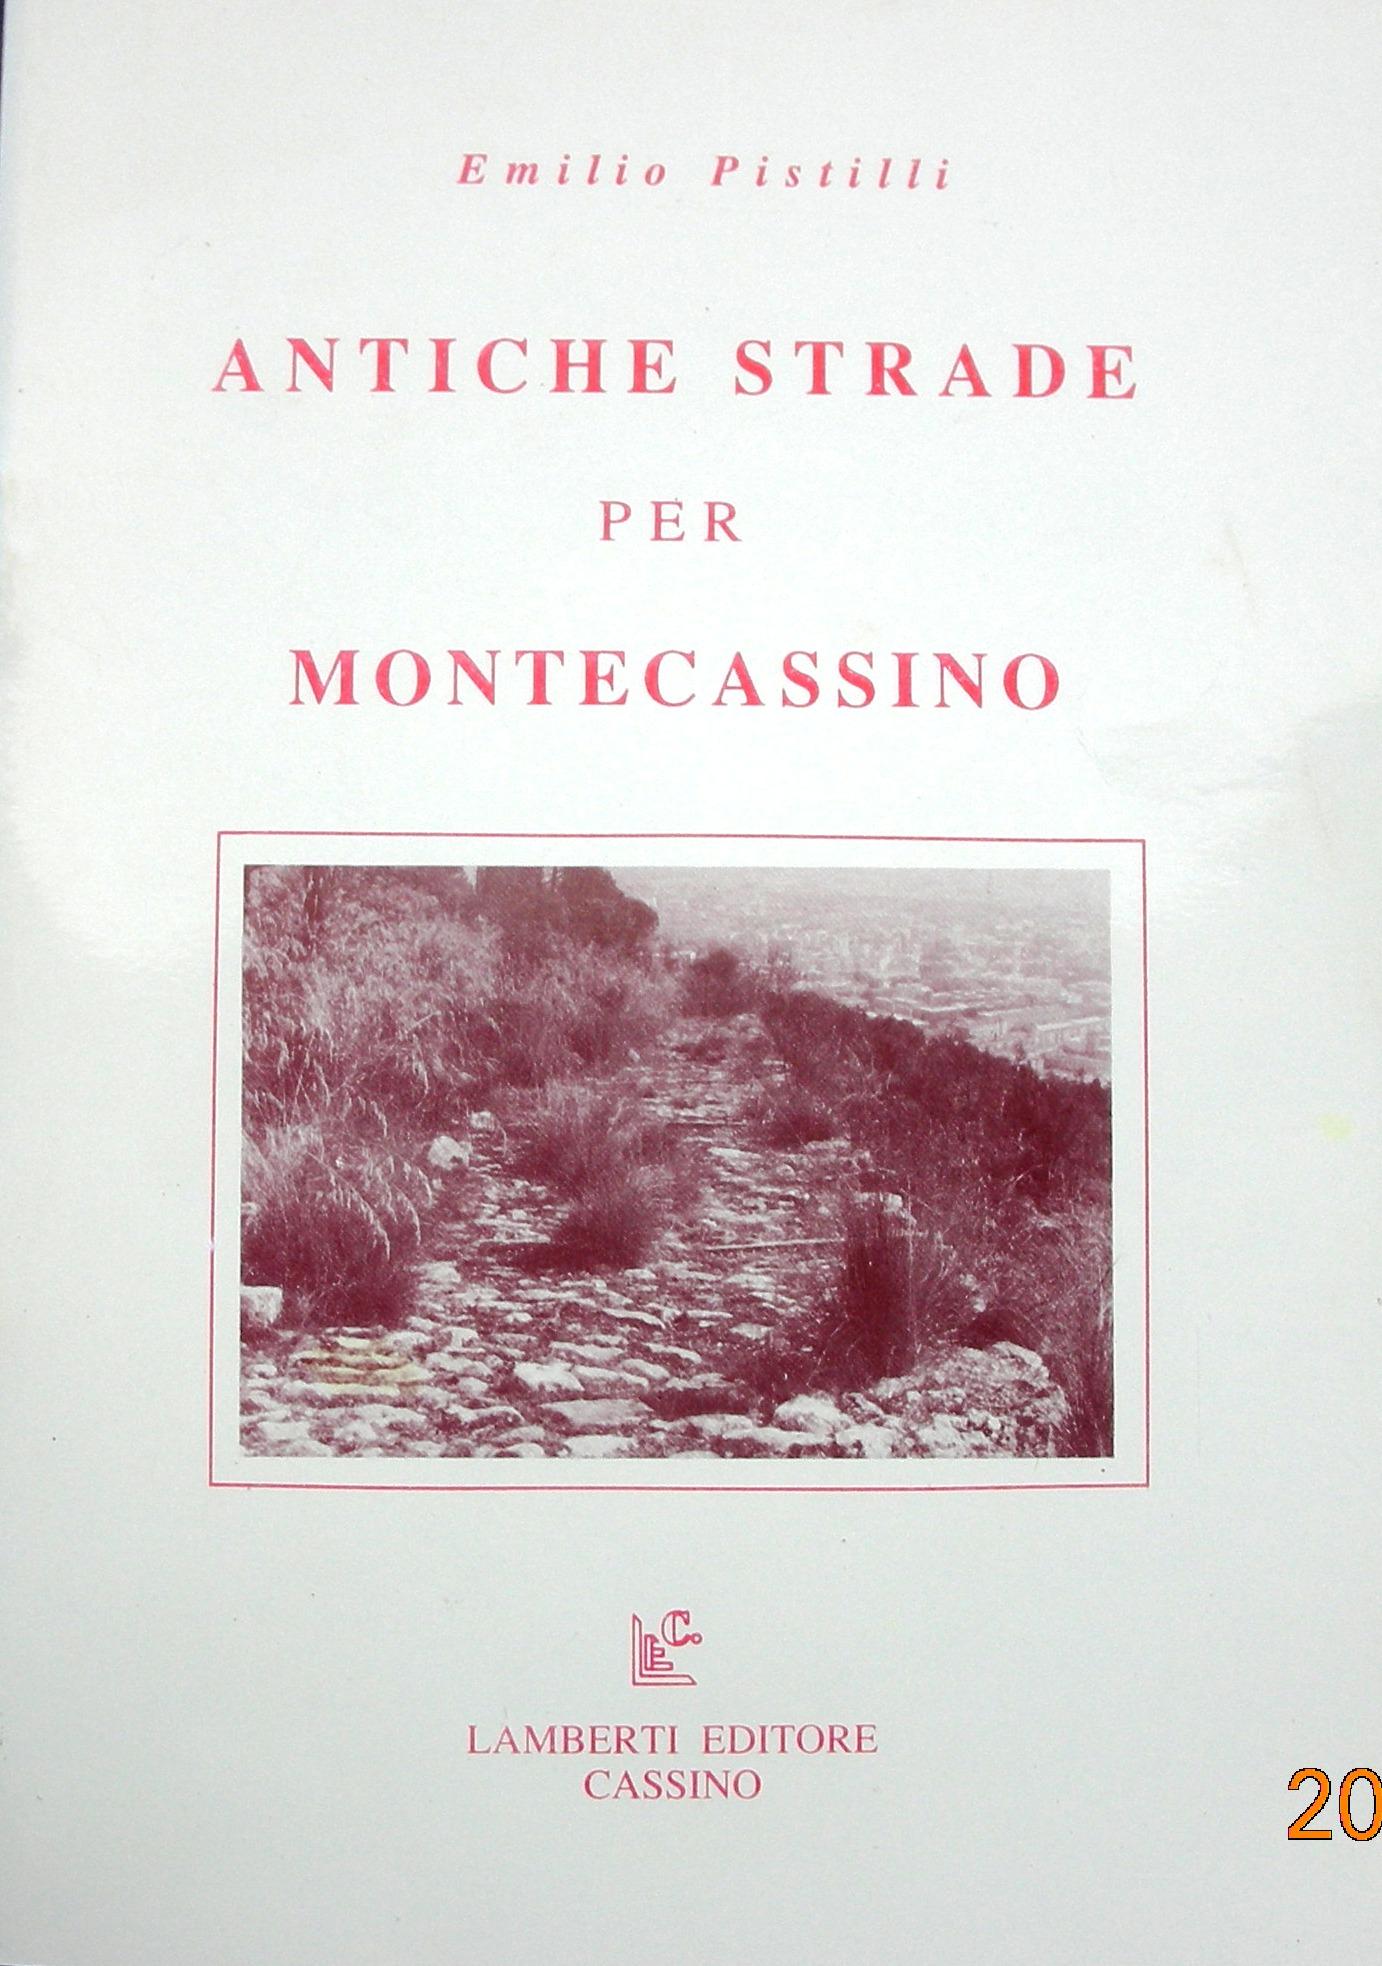 Antiche strade per Montecassino